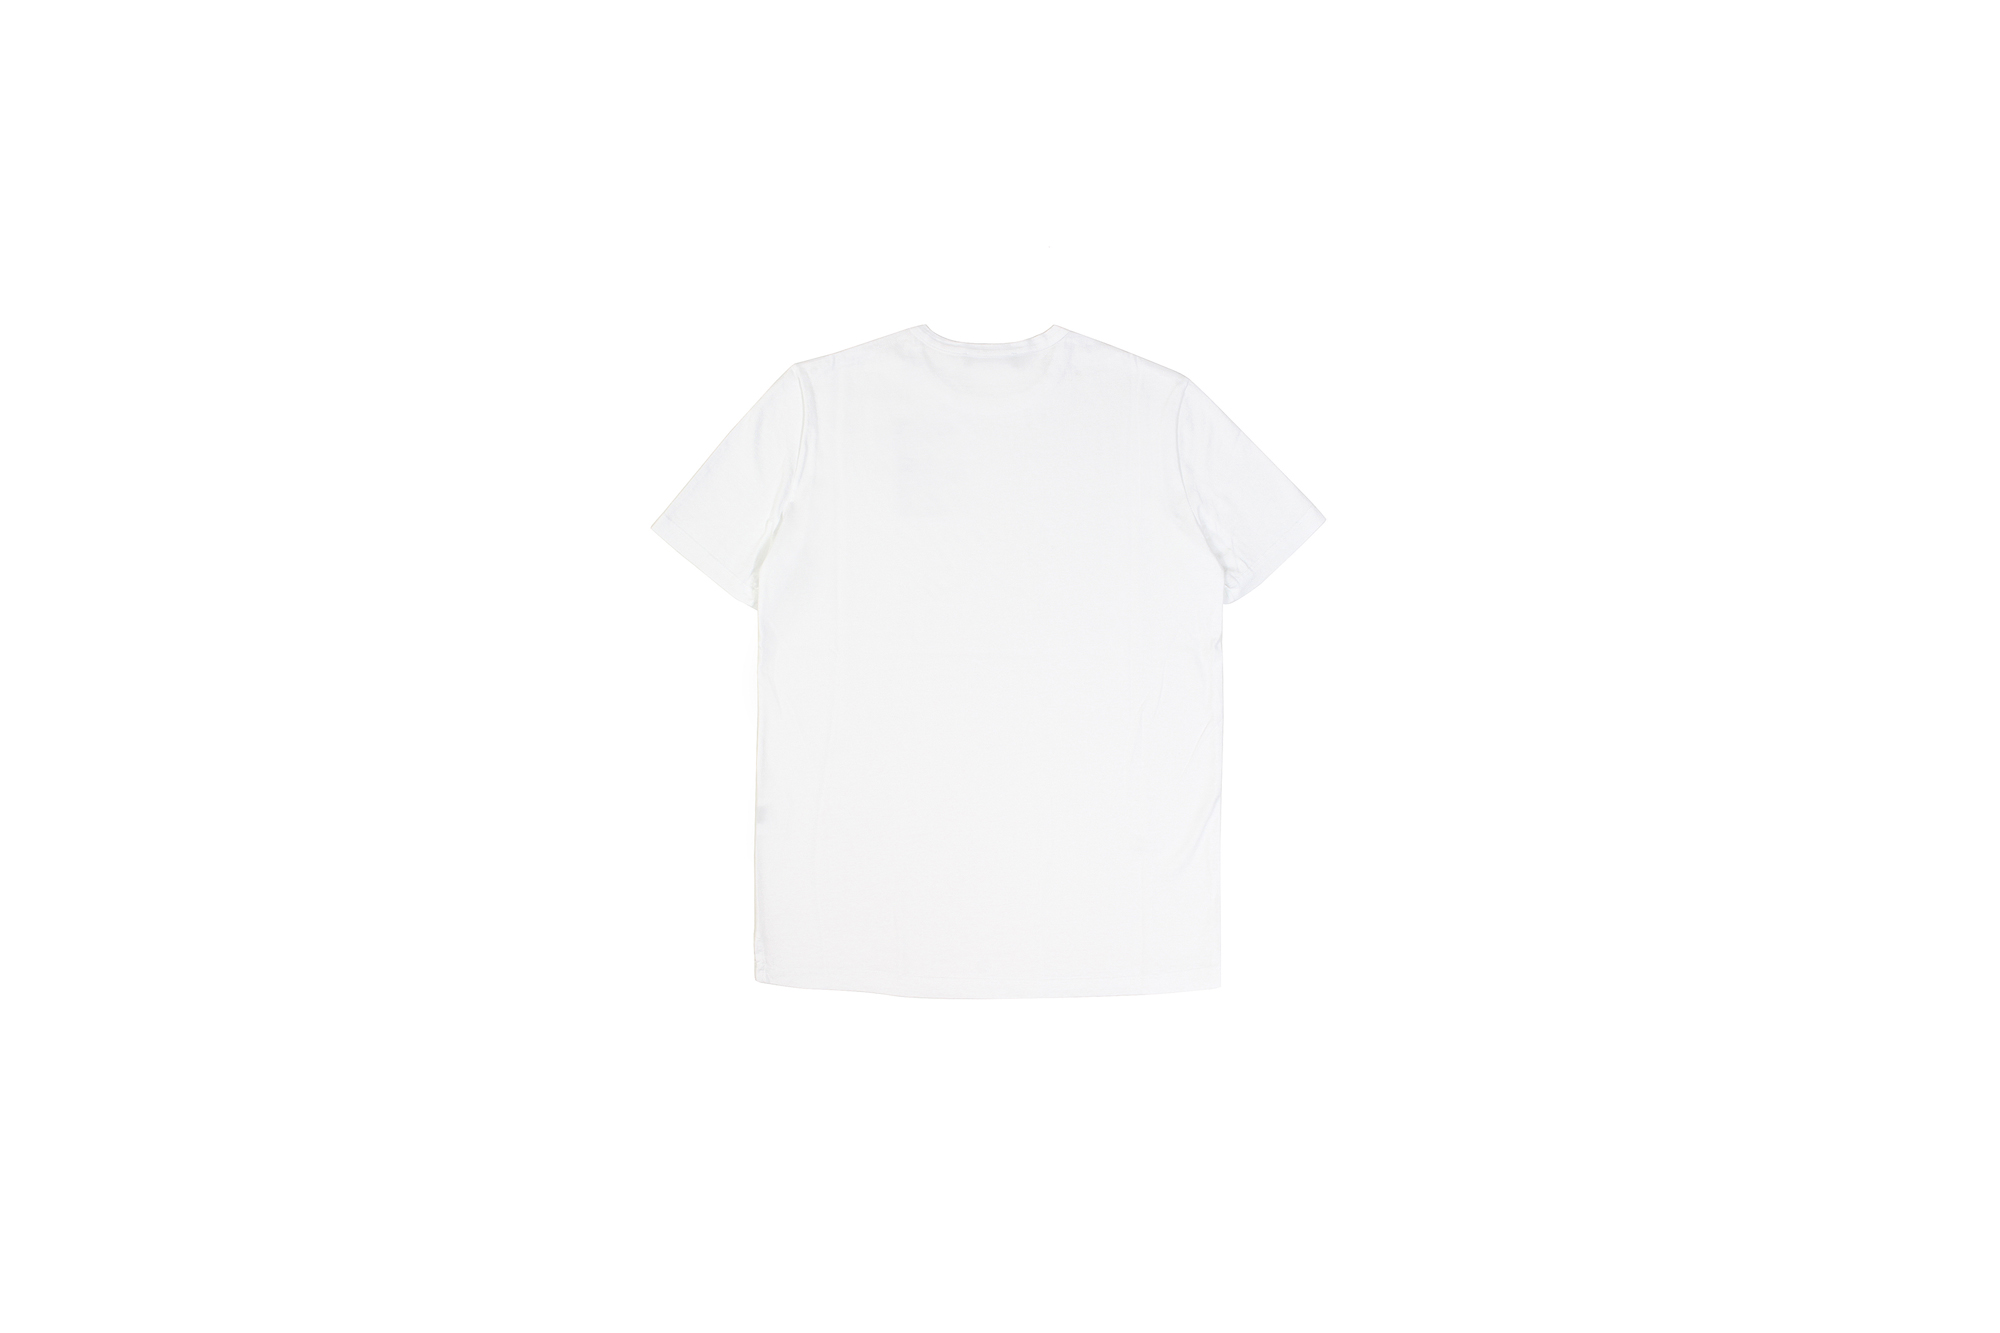 Girelli Bruni (ジレリブルーニ) Crew Neck T-shirt (クルーネック Tシャツ) GIZA 60/2 ギザコットン Tシャツ WHITE (ホワイト) made in italy (イタリア製) 2020秋冬新作  【入荷しました】【フリー分発売開始】 girellibruni 愛知 名古屋 altoediritto アルトエデリット alto e diritto